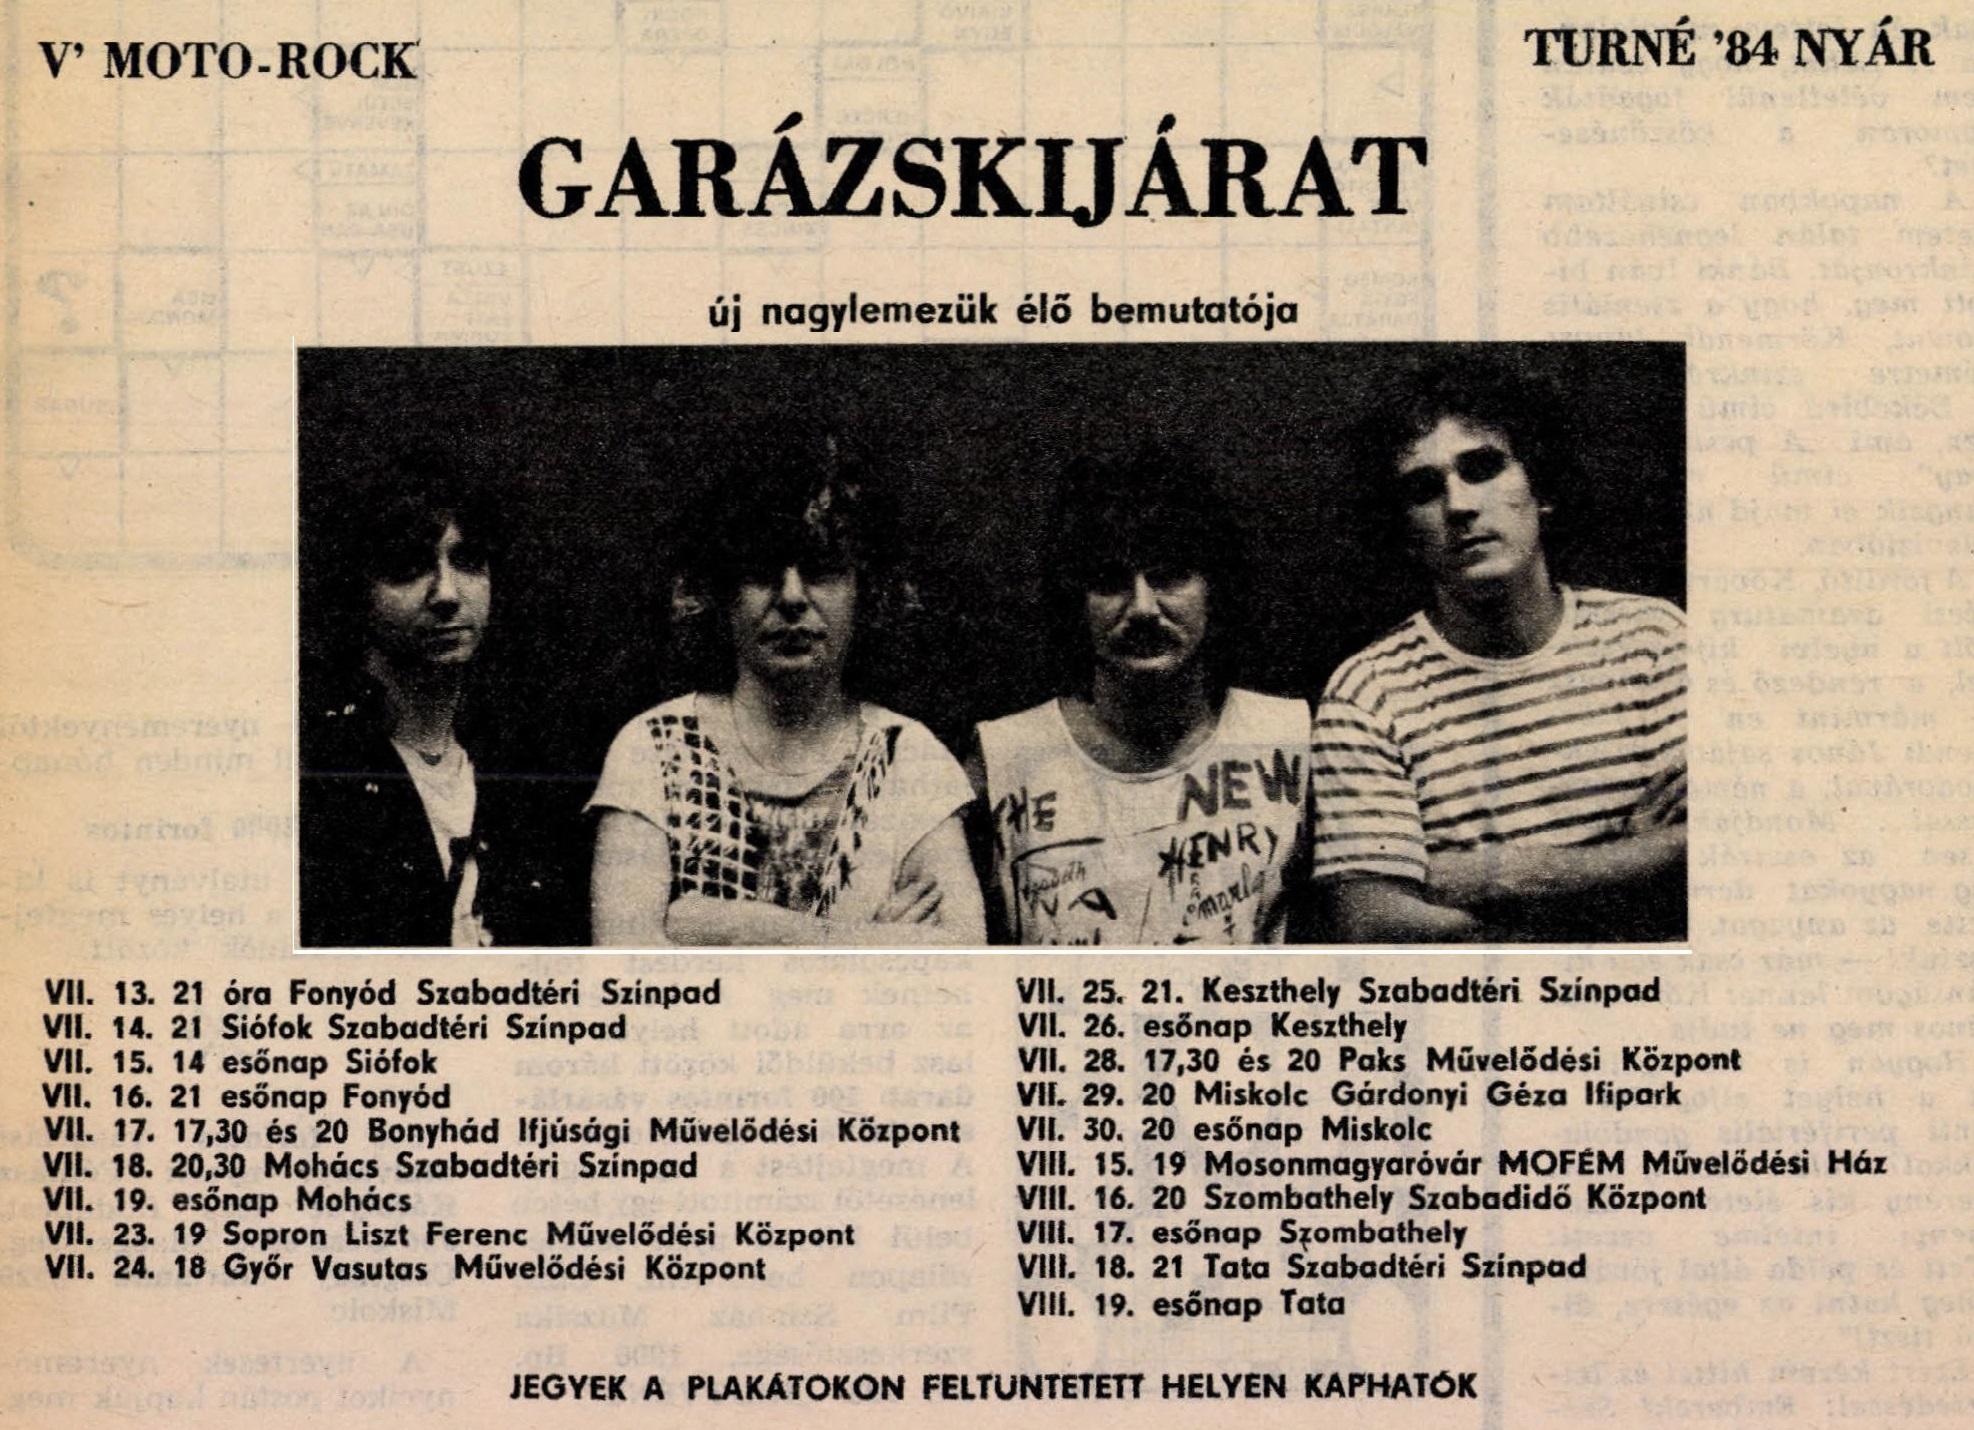 idokapszula_nb_i_1983_84_tavaszi_zaras_edzoi_gyorsmerleg_i_v_moto_rock.jpg